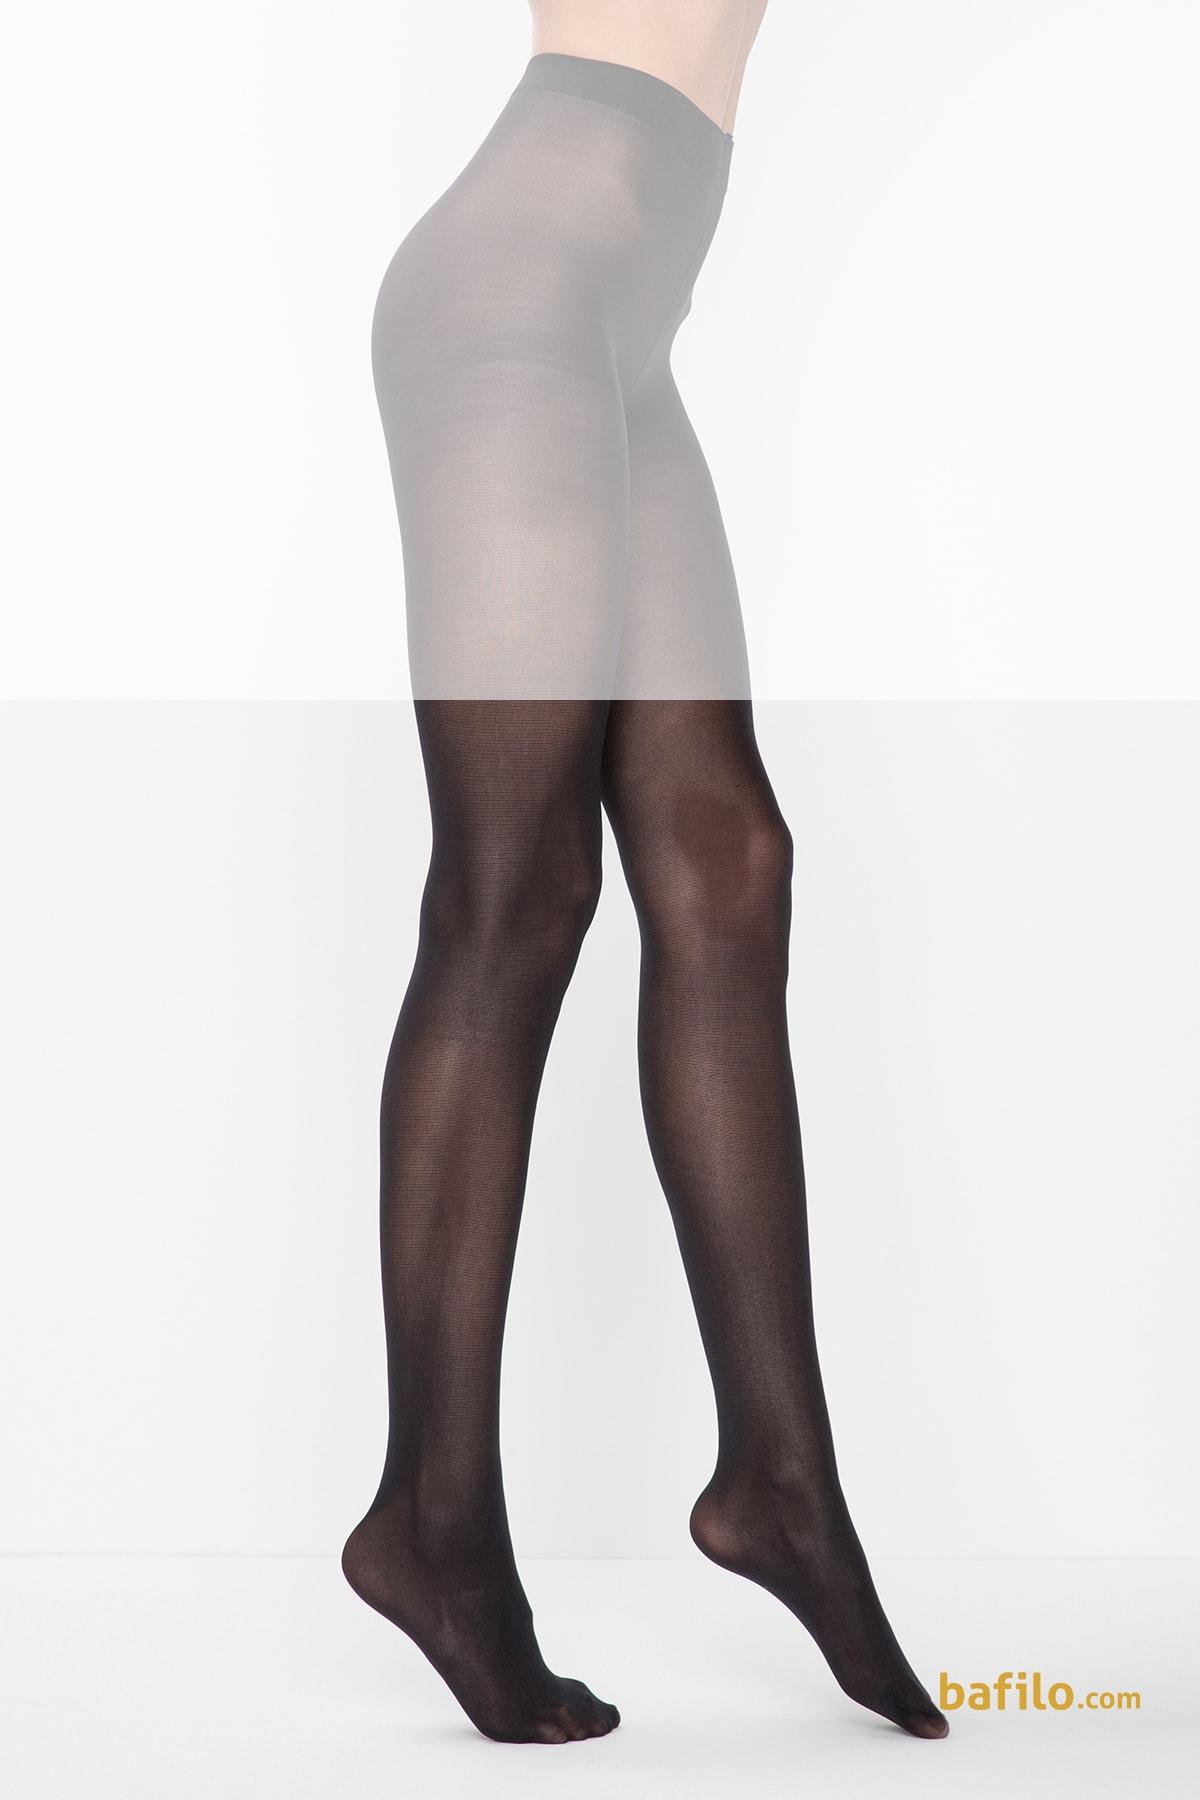 جوراب شلواری زنانه پنتی Mikro 40 مشکی